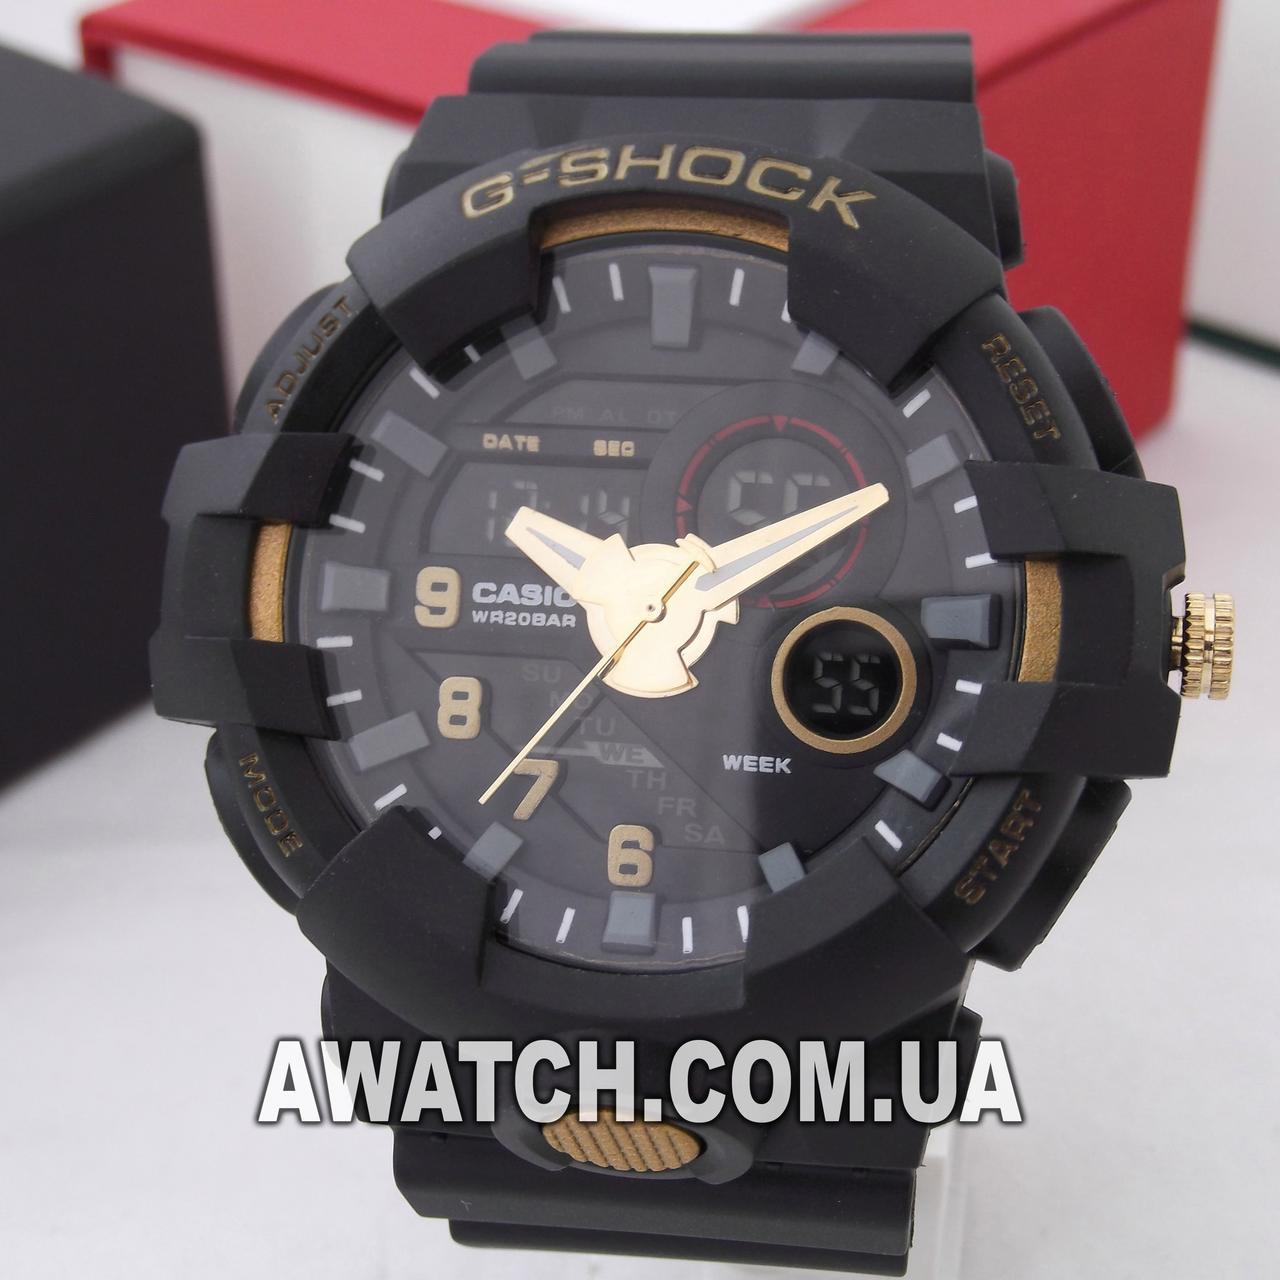 uk availability 763f5 5f377 Мужские кварцевые наручные часы G-Shock GA-700 5522 (553569820). Цена,  купить Мужские кварцевые наручные часы G-Shock GA-700 5522 (553569820) в ...